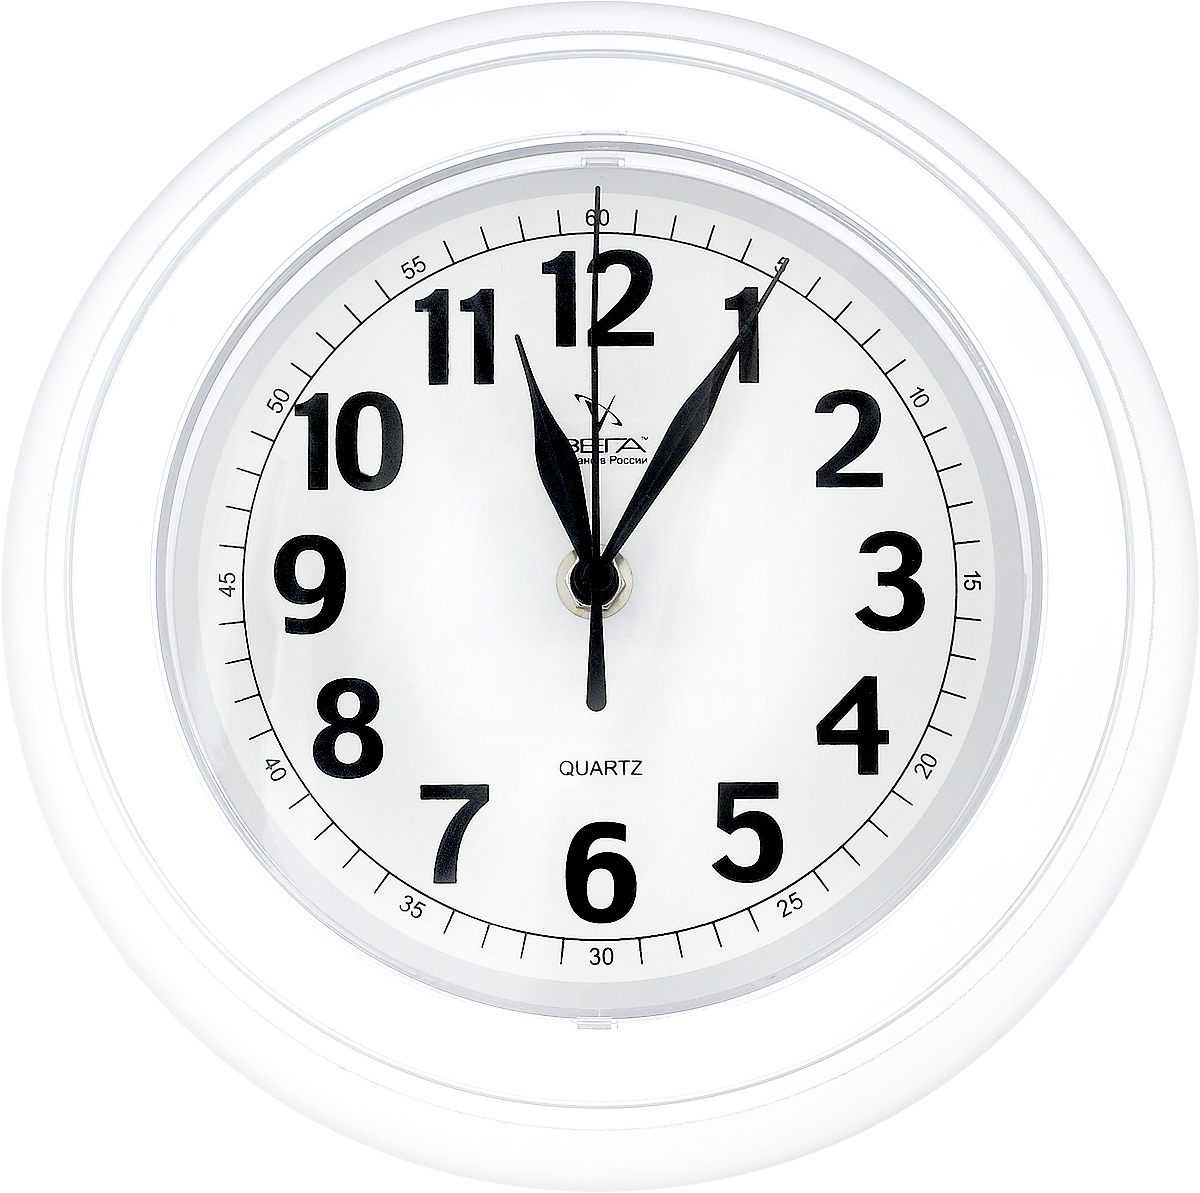 Часы настенные Вега Классика, цвет: белый, прозрачный, диаметр 22 см300250_Россия, коричневыйНастенные кварцевые часы Вега Классика, изготовленные из пластика, прекрасно впишутся в интерьер вашего дома. Круглые часы имеют три стрелки: часовую, минутную и секундную, циферблат защищен прозрачным стеклом. Часы работают от 1 батарейки типа АА напряжением 1,5 В (не входит в комплект). Диаметр часов: 22 см.